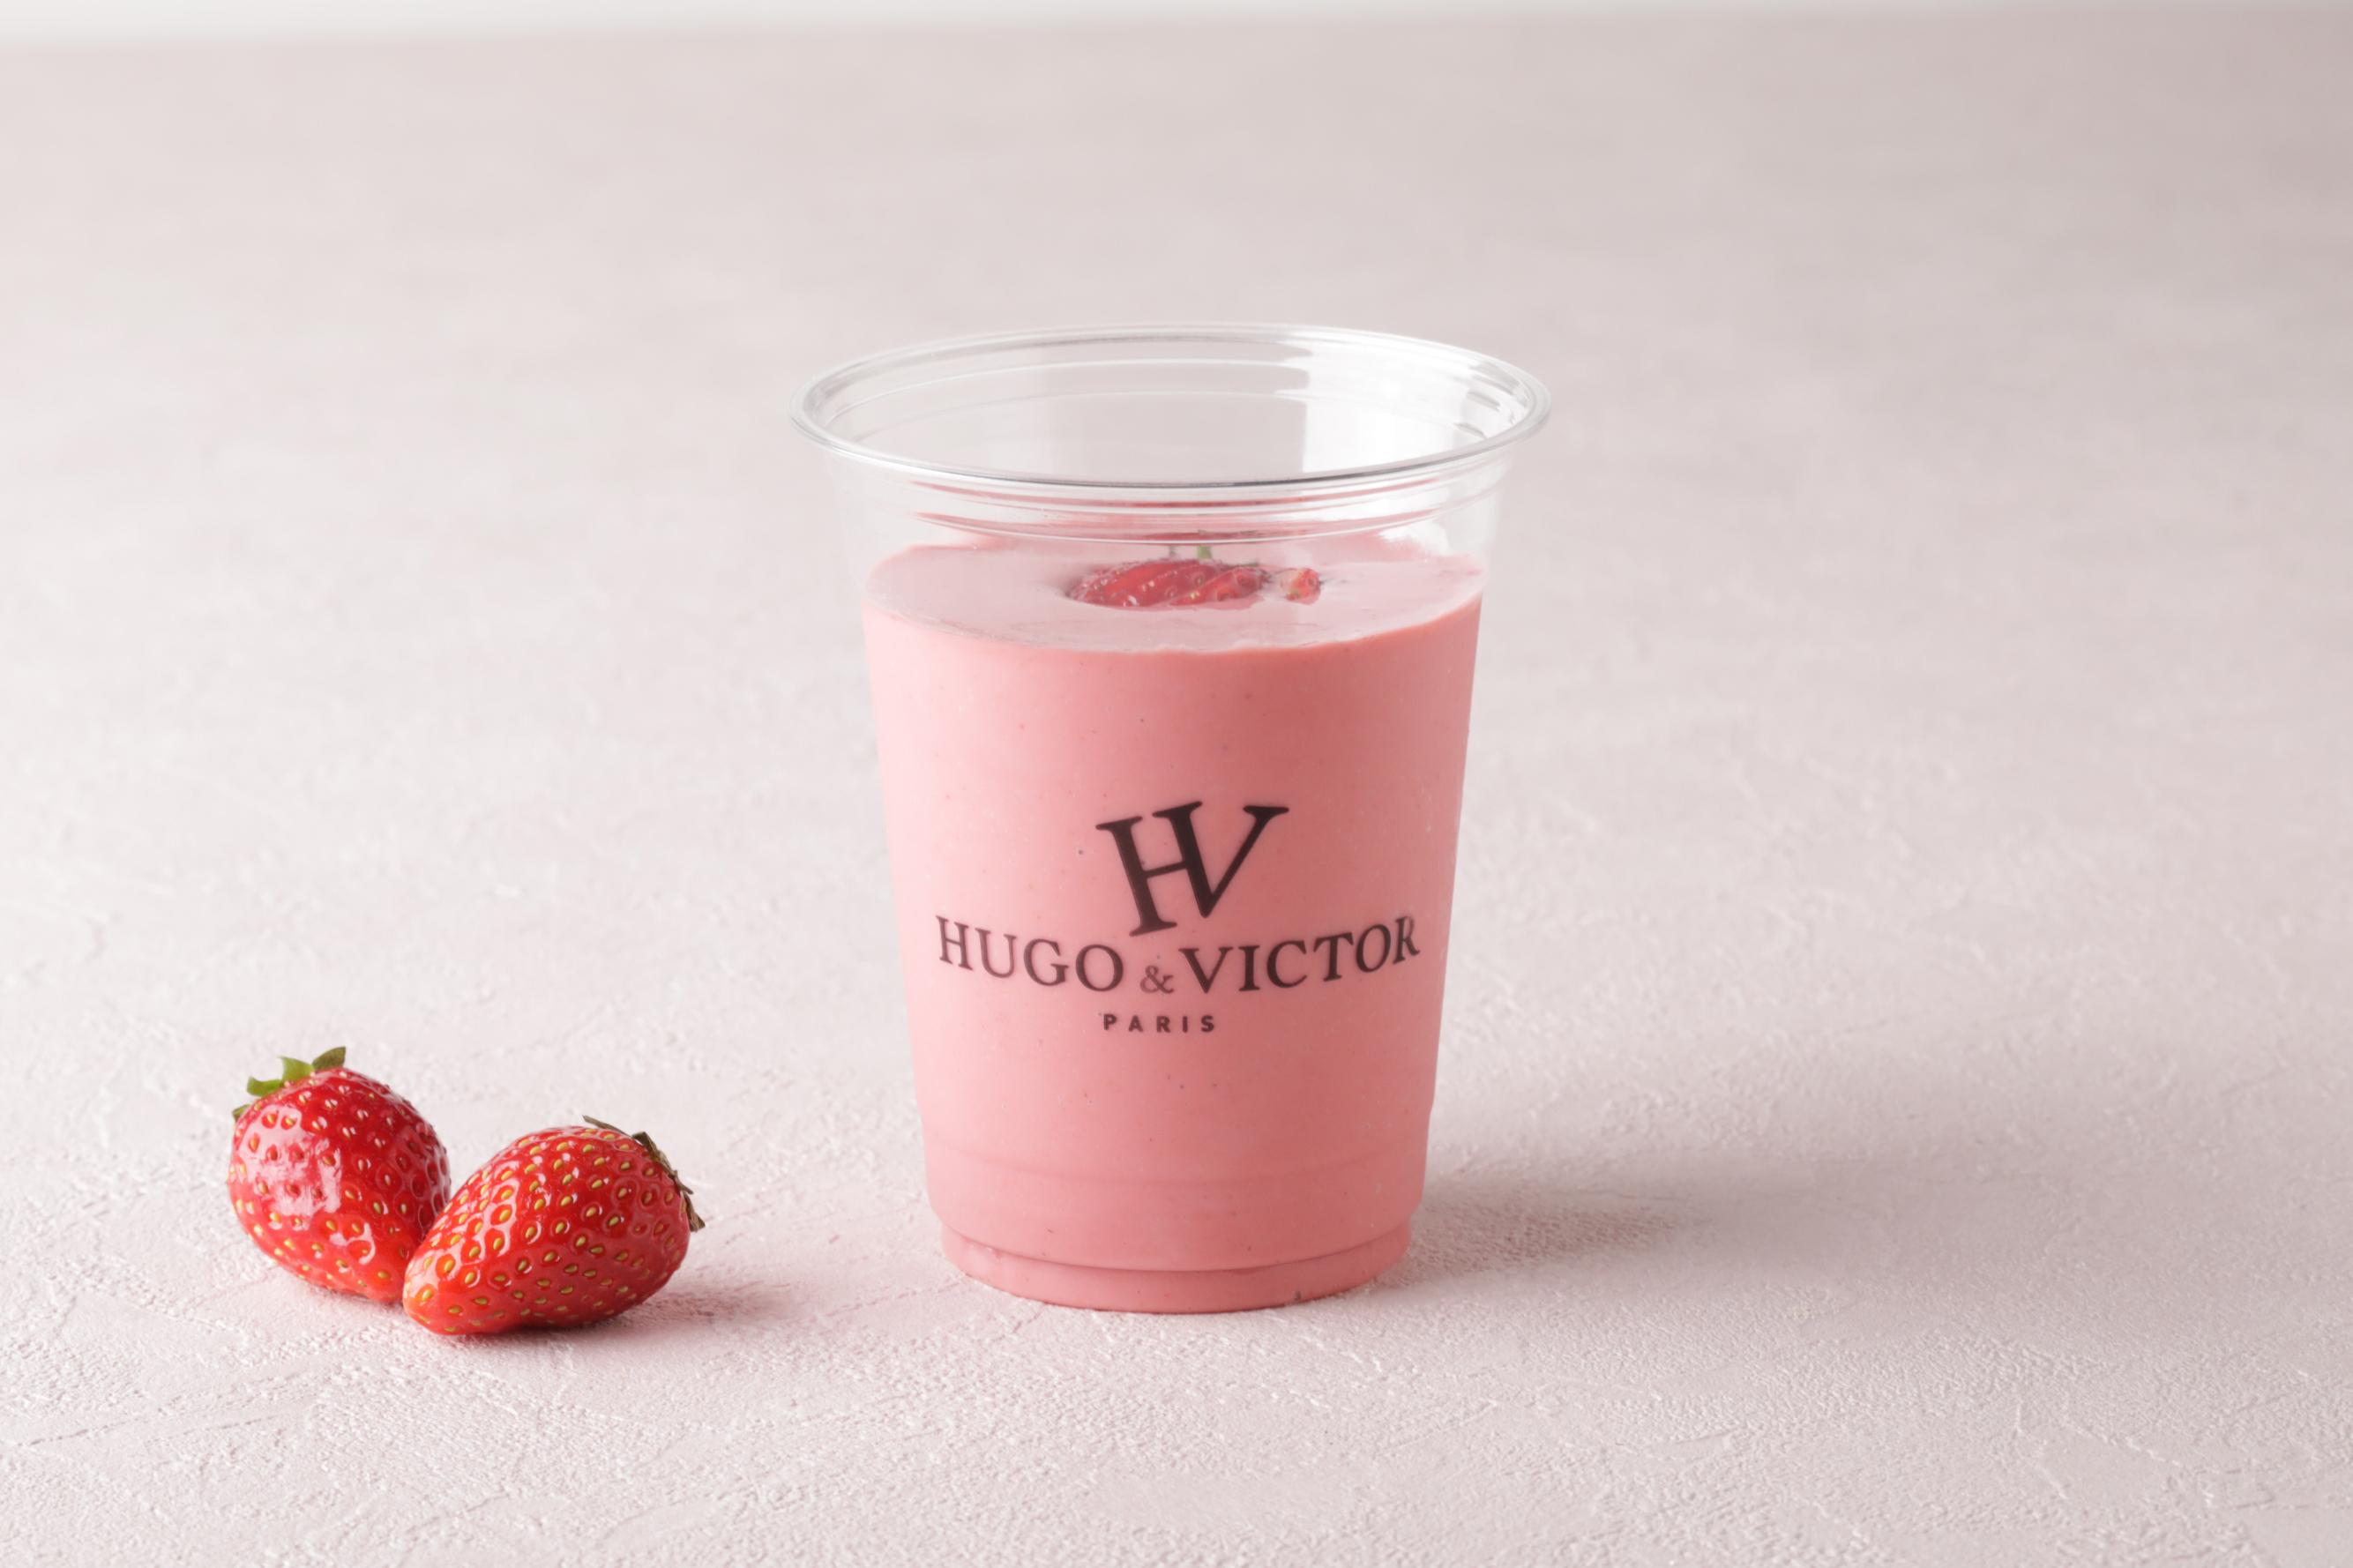 春を先取り!フランス・パリ発の「HUGO&VICTOR」で旬のイチゴスイーツを楽しもう! - hugo sweets 7